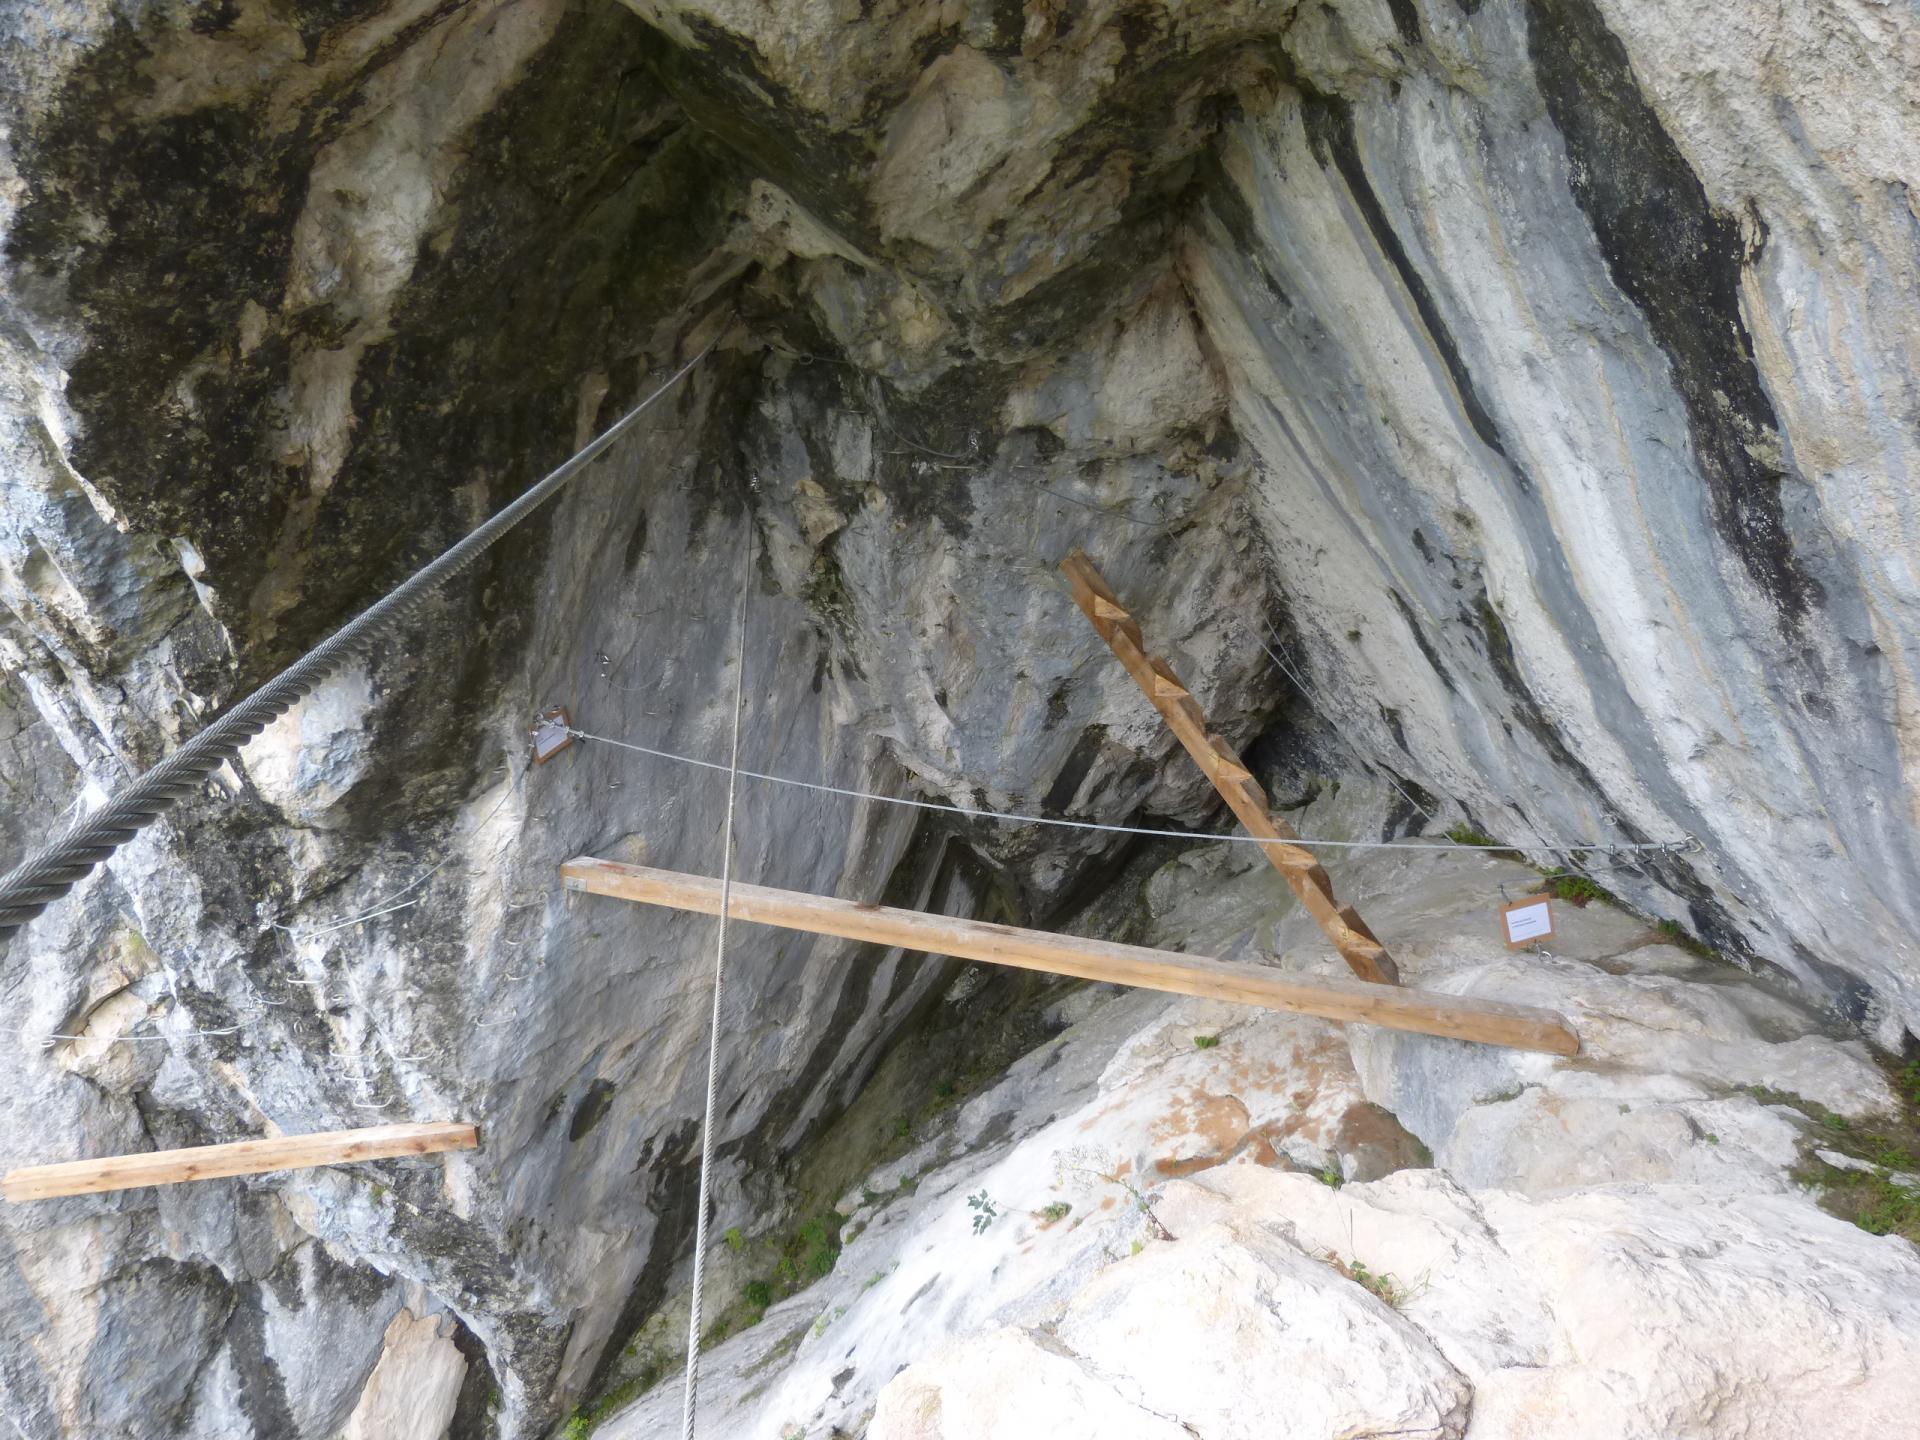 Via ferrata de la grotte de Cristal à Bellevaux